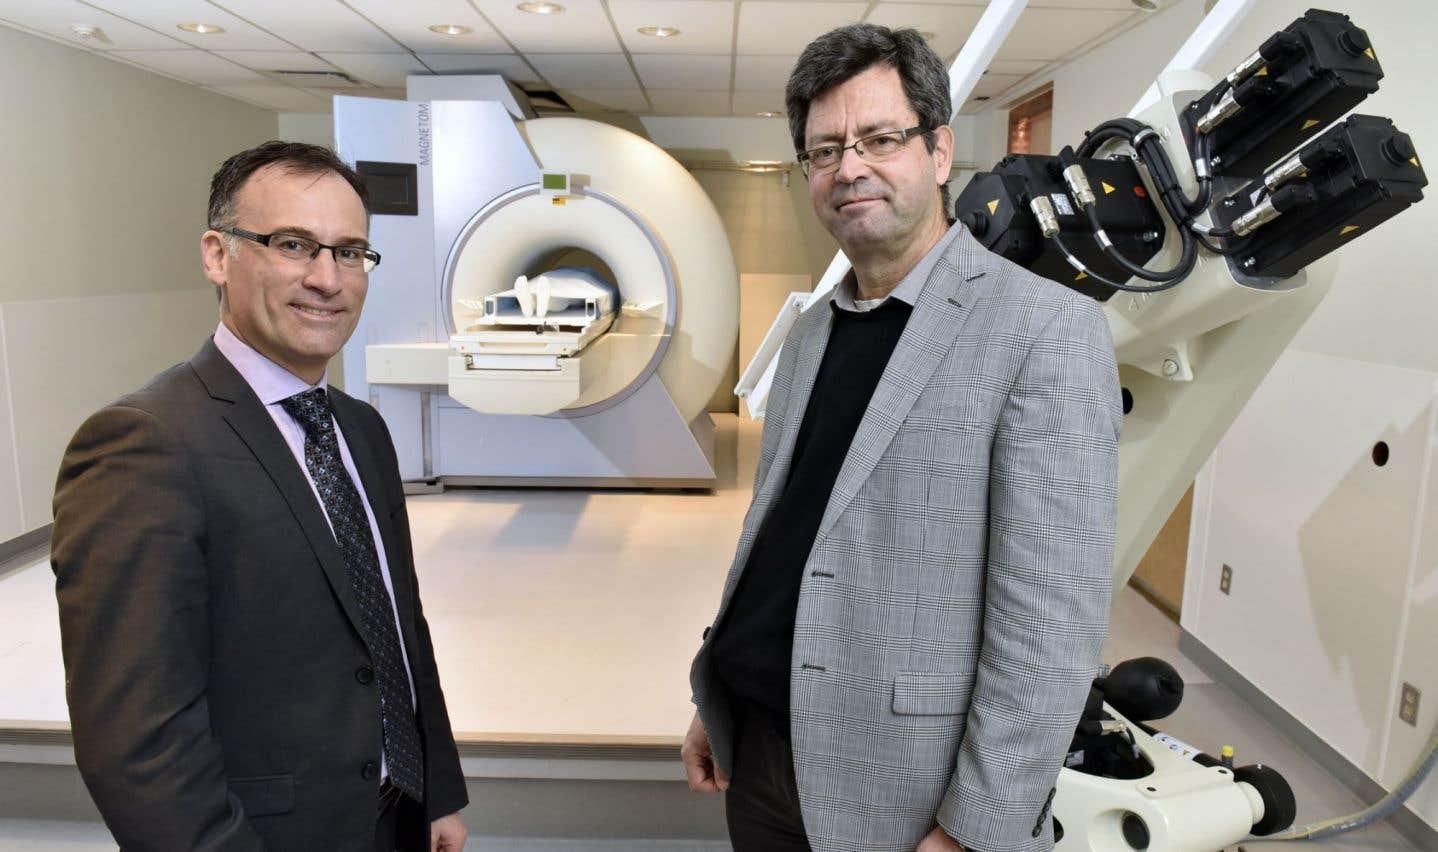 Sylvain Martel (à droite), professeur titulaire au Département de génie informatique et génie logiciel de Polytechnique Montréal et directeur du Laboratoire de NanoRobotique, en compagnie de Carl-Éric Aubin, à la tête de l'institut TransMedTech de Montréal (MT2).